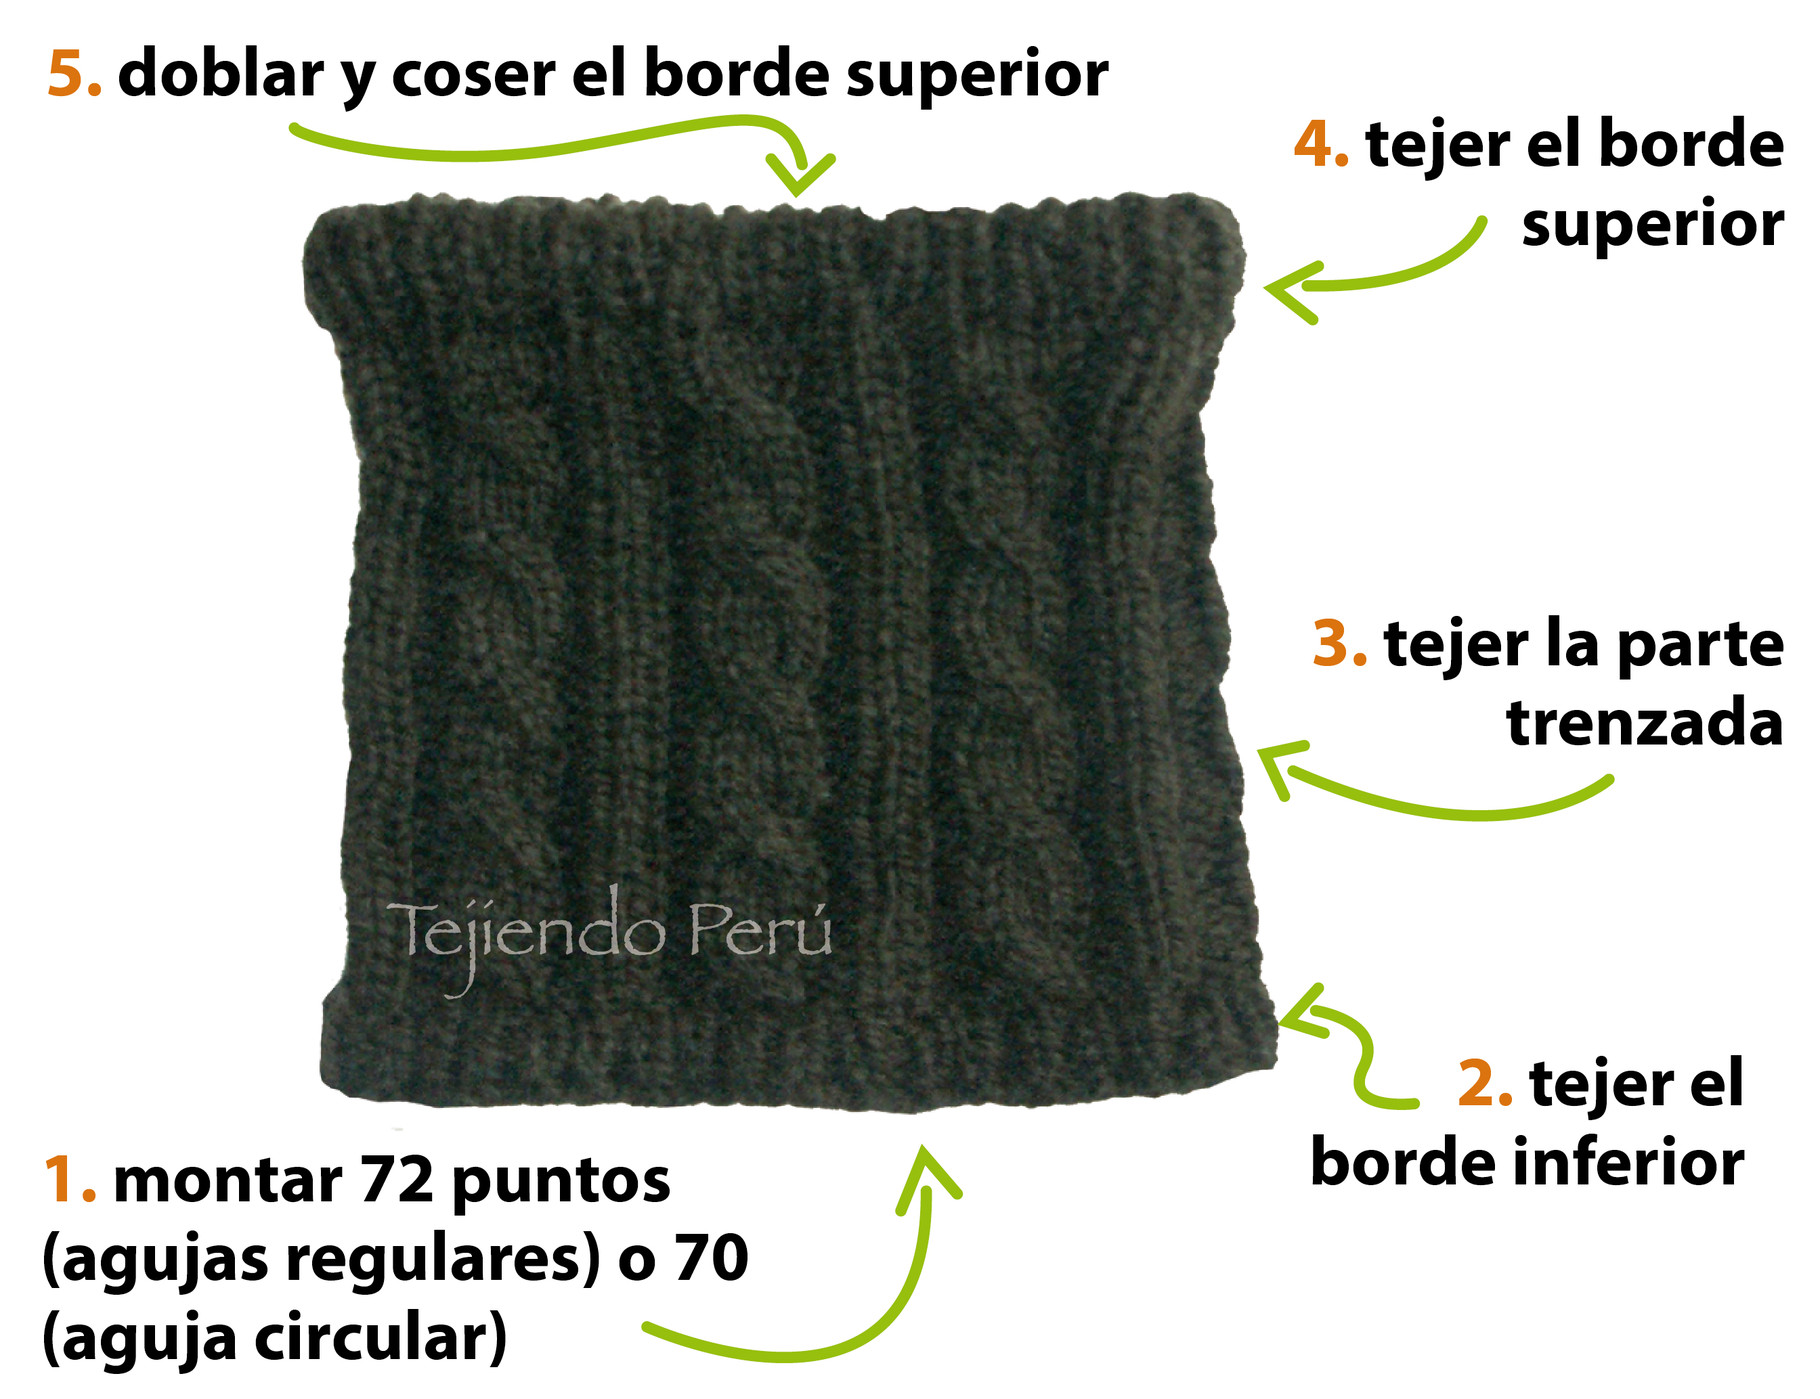 Cuello trenzado para hombres - Tejiendo Perú 24b09e56aae5